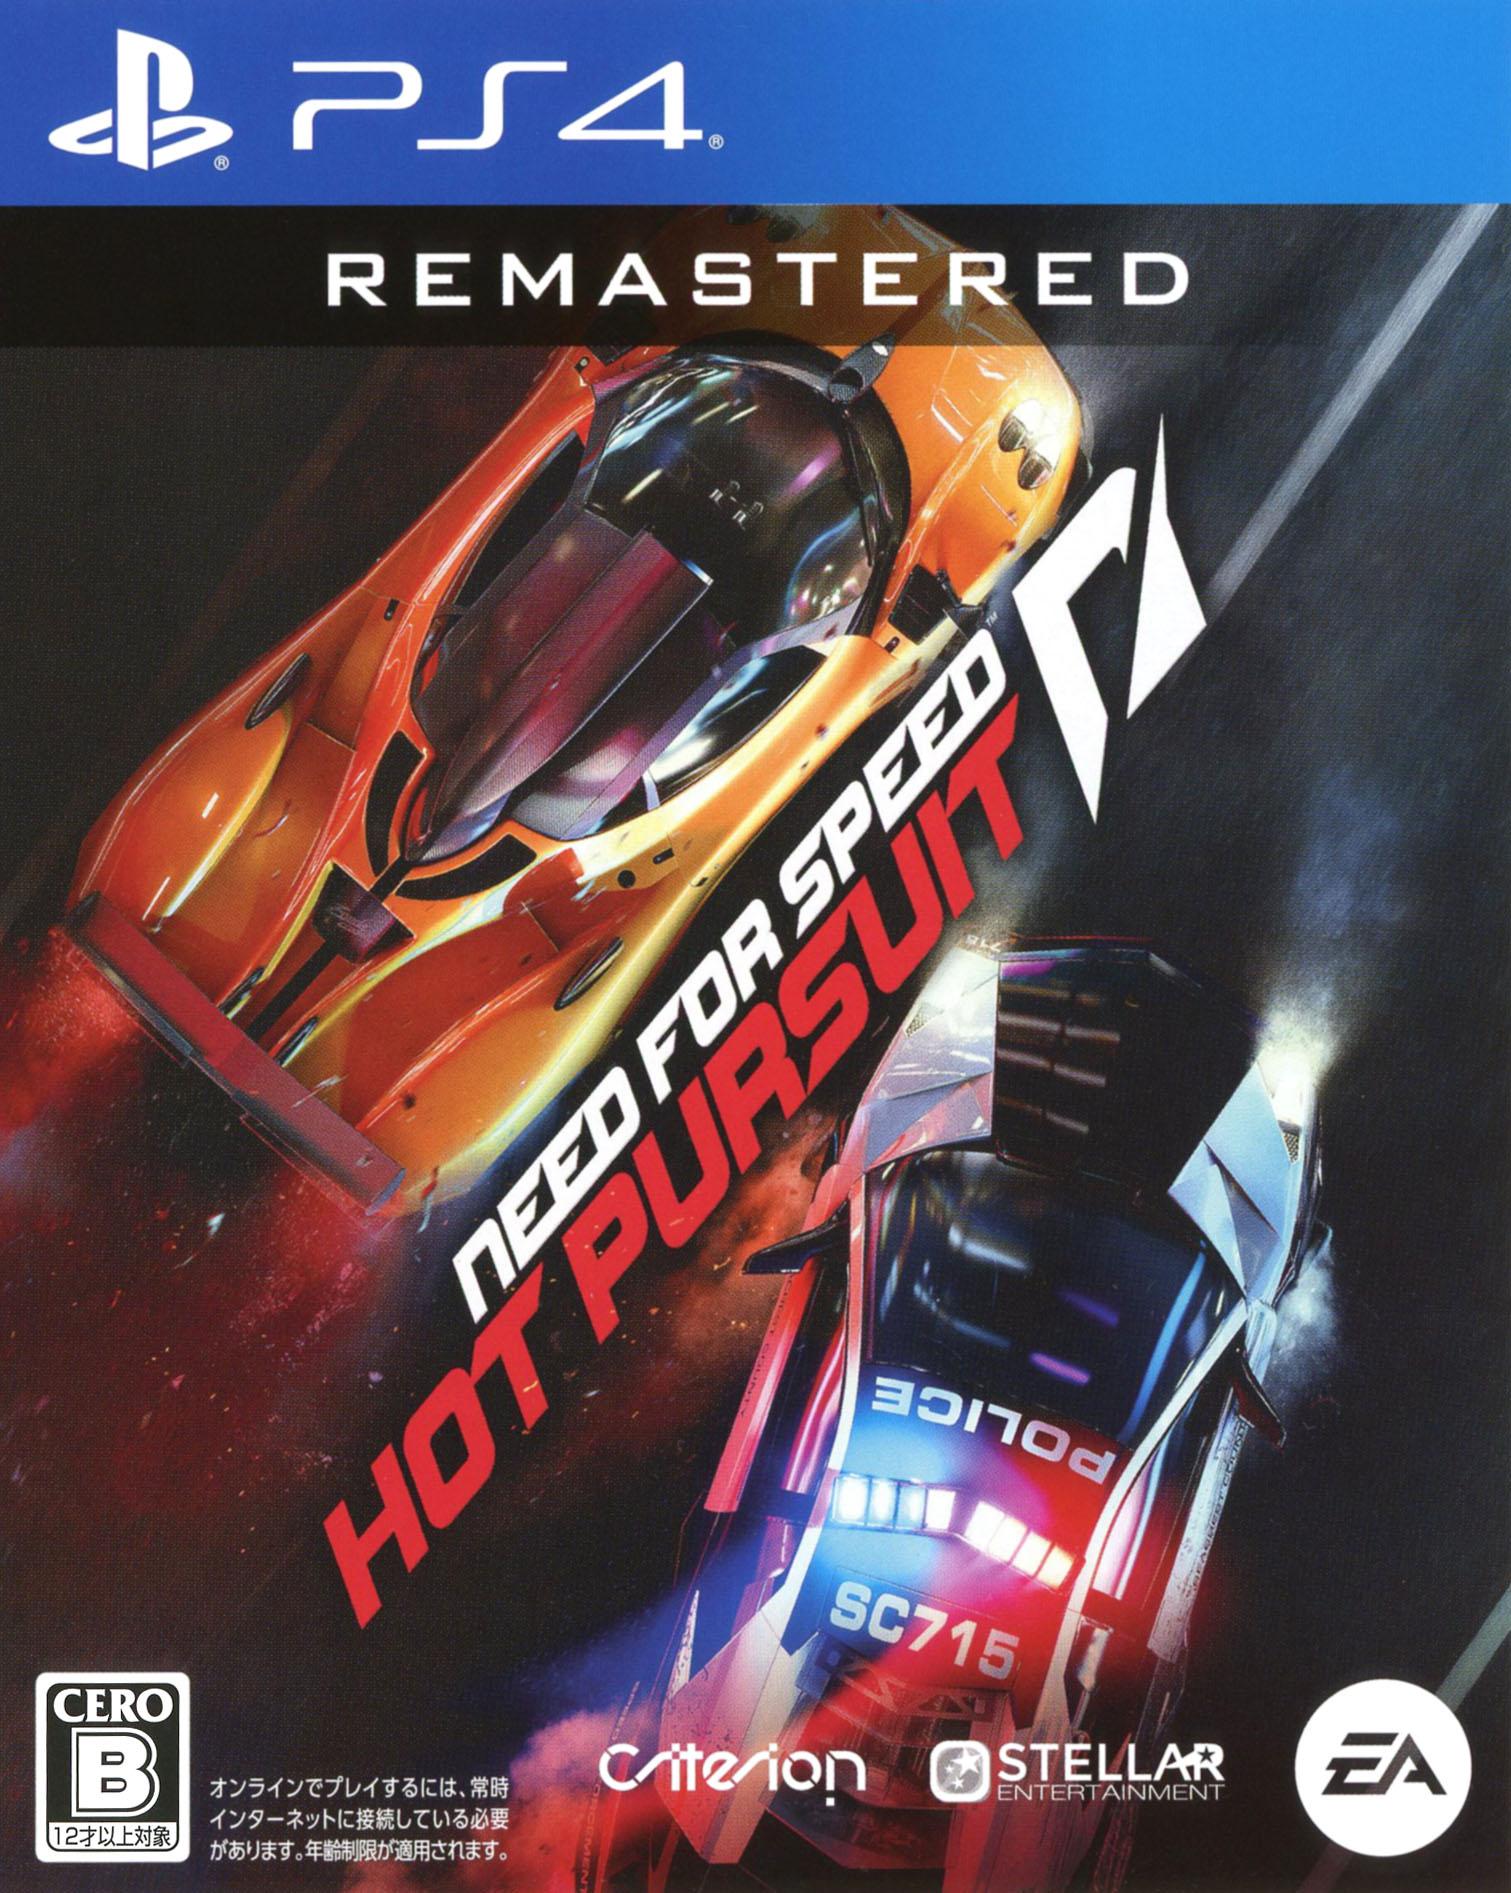 3980円以上で送料無料 中古 蔵 Need for Speed:Hot ゲーム Pursuit Remasteredソフト:プレイステーション4ソフト 高級 スポーツ